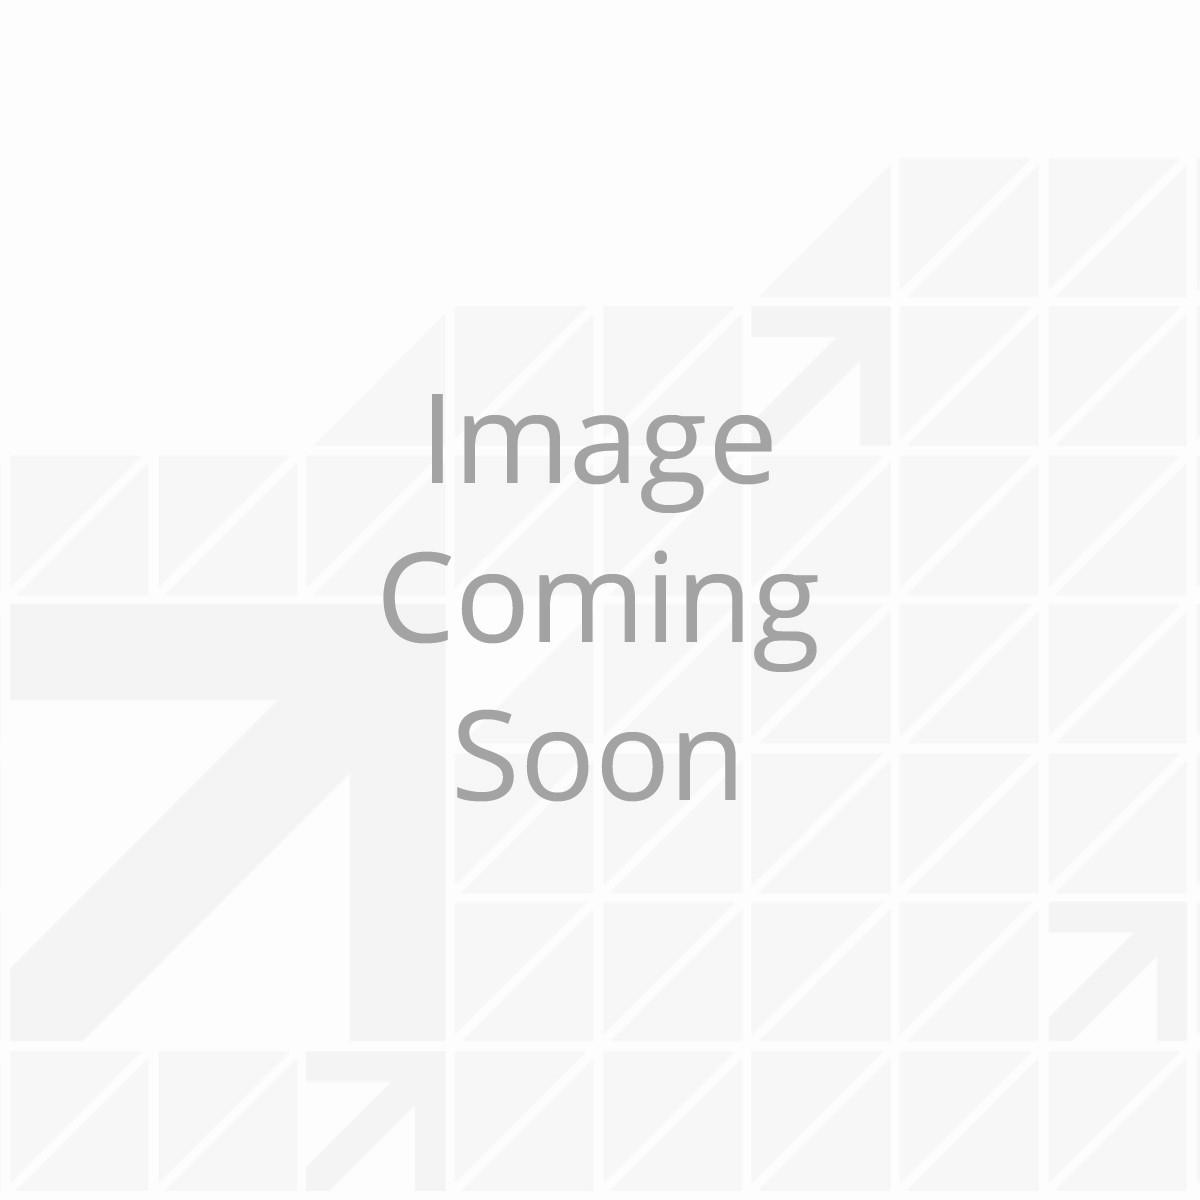 Gear, Spur .75 ID X 2.0 OD